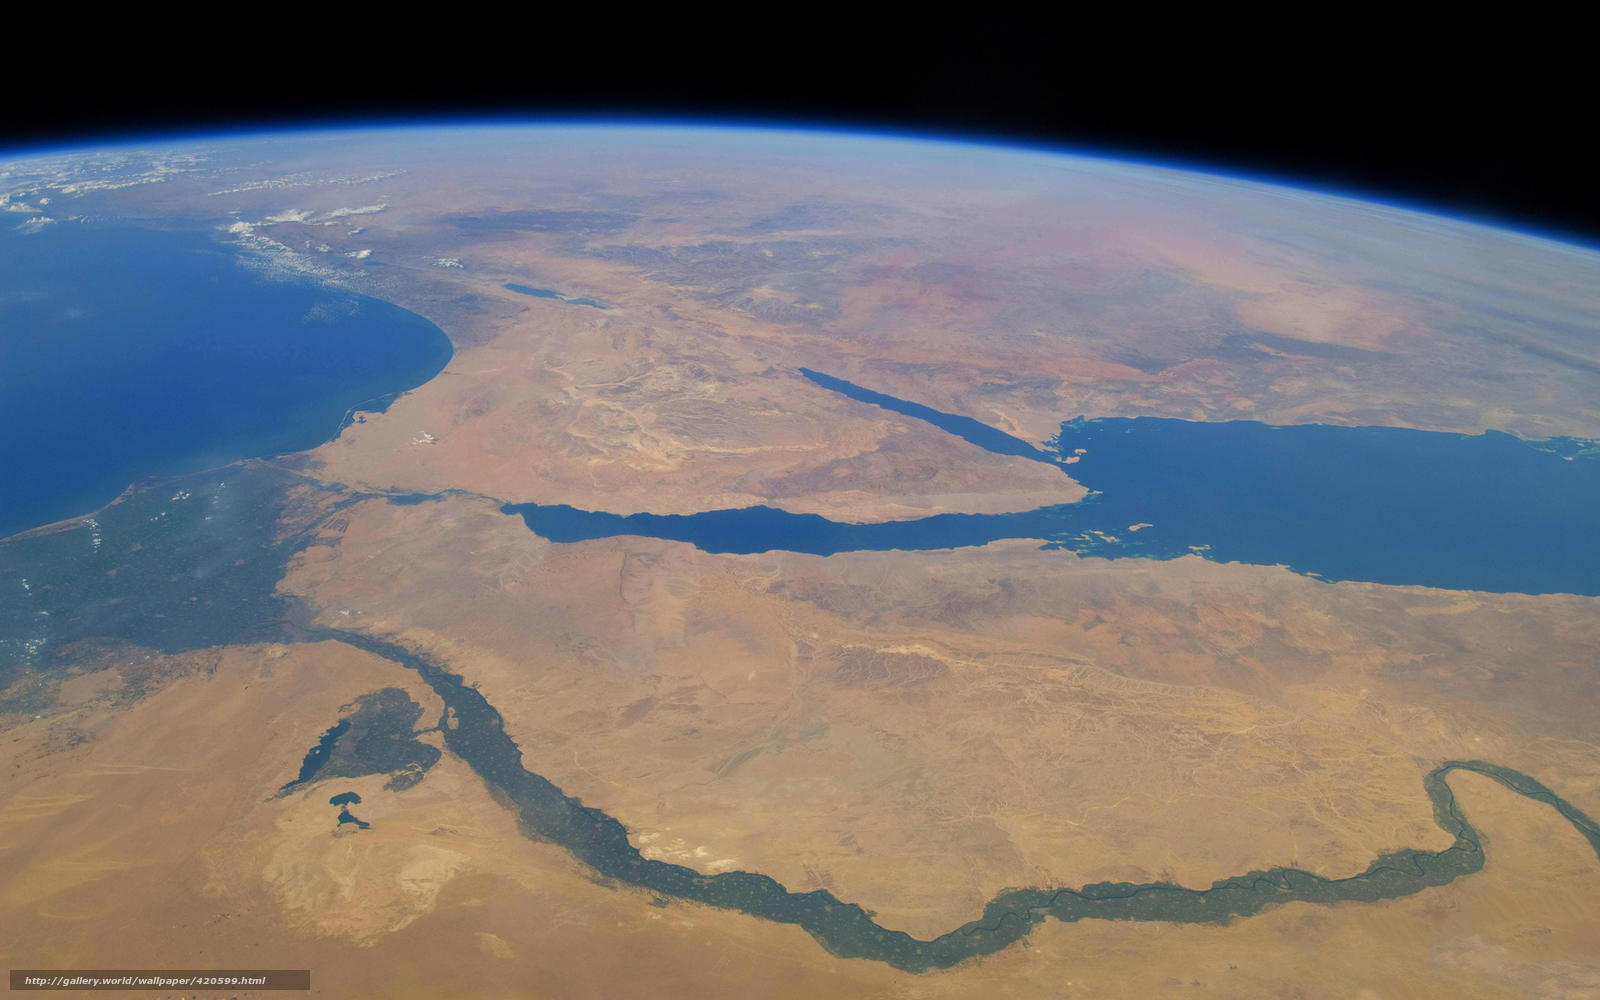 Скачать на телефон обои фото картинку на тему Земля, Африка, река, Нил, Красное море, Средиземное море, Синайский полуостров, разширение 1680x1050